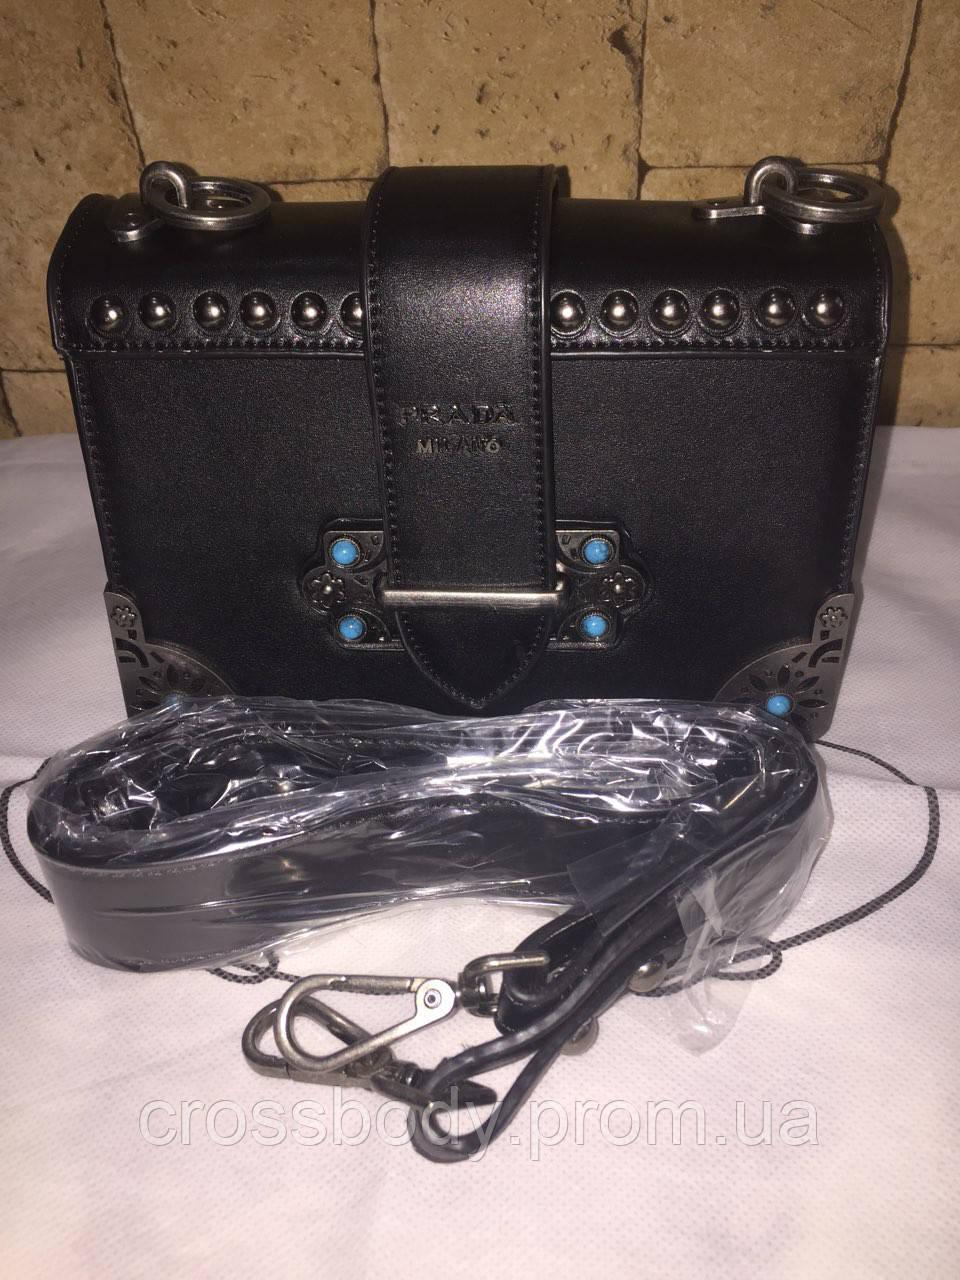 fc12b2445ba7 Женская сумка клатч Prada в стиле: продажа, цена в Львове. женские ...